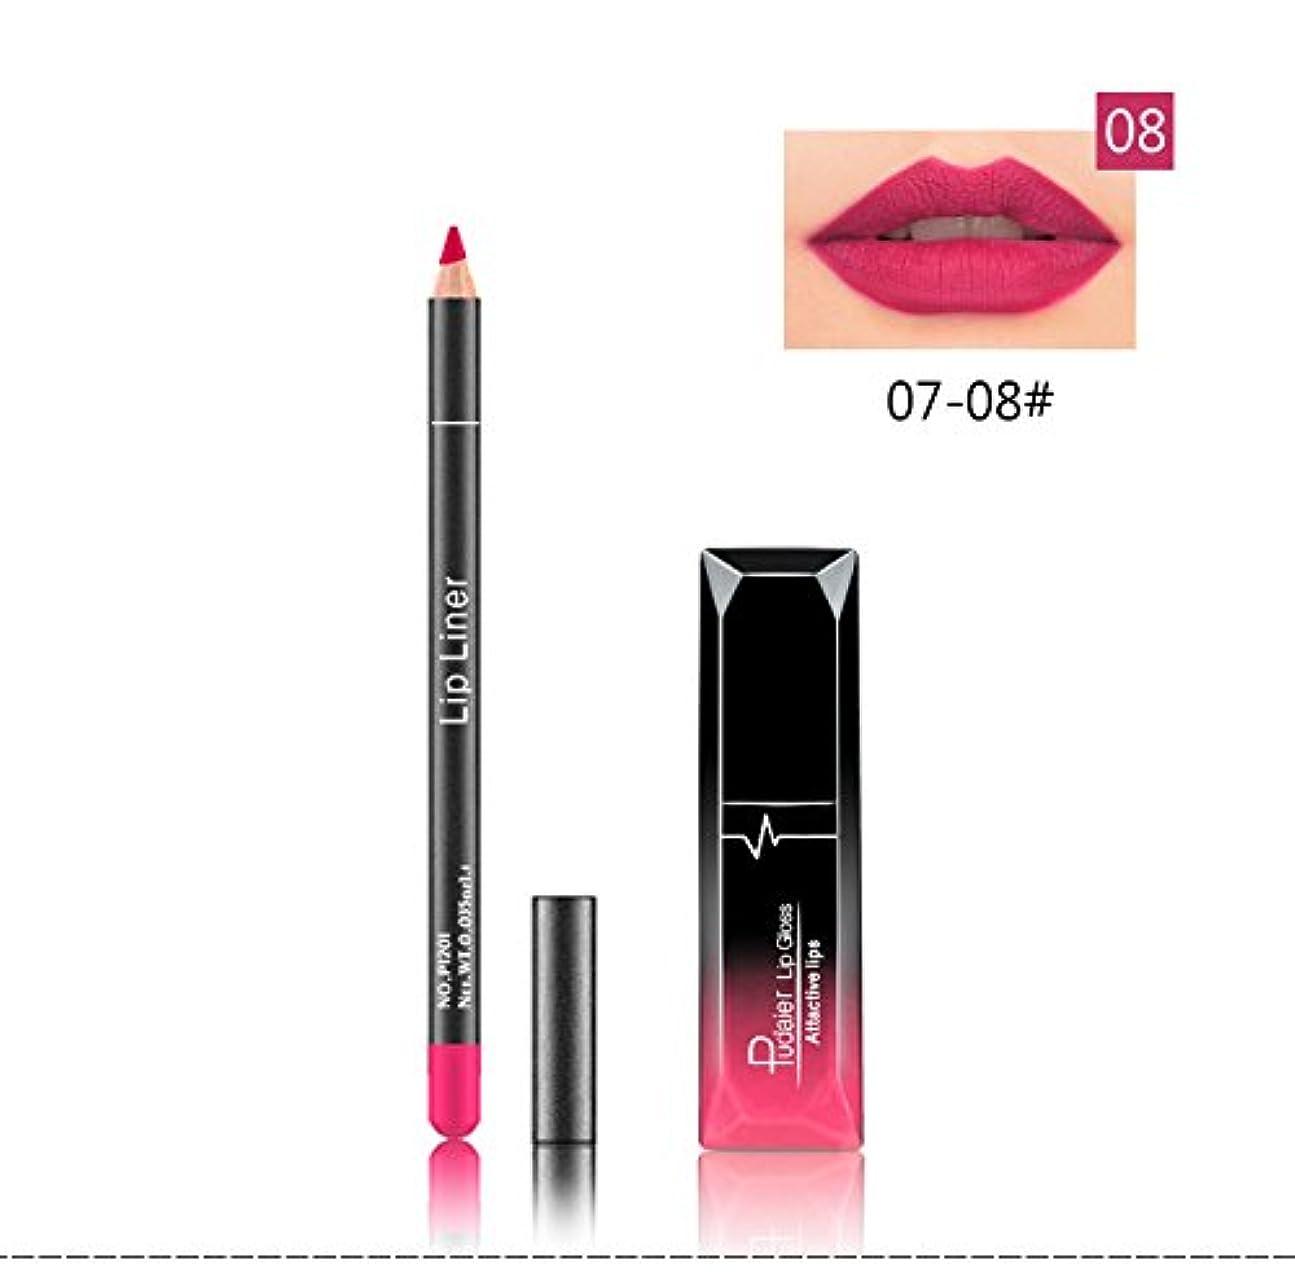 スライス定刻支店(08) Pudaier 1pc Matte Liquid Lipstick Cosmetic Lip Kit+ 1 Pc Nude Lip Liner Pencil MakeUp Set Waterproof Long Lasting Lipstick Gfit